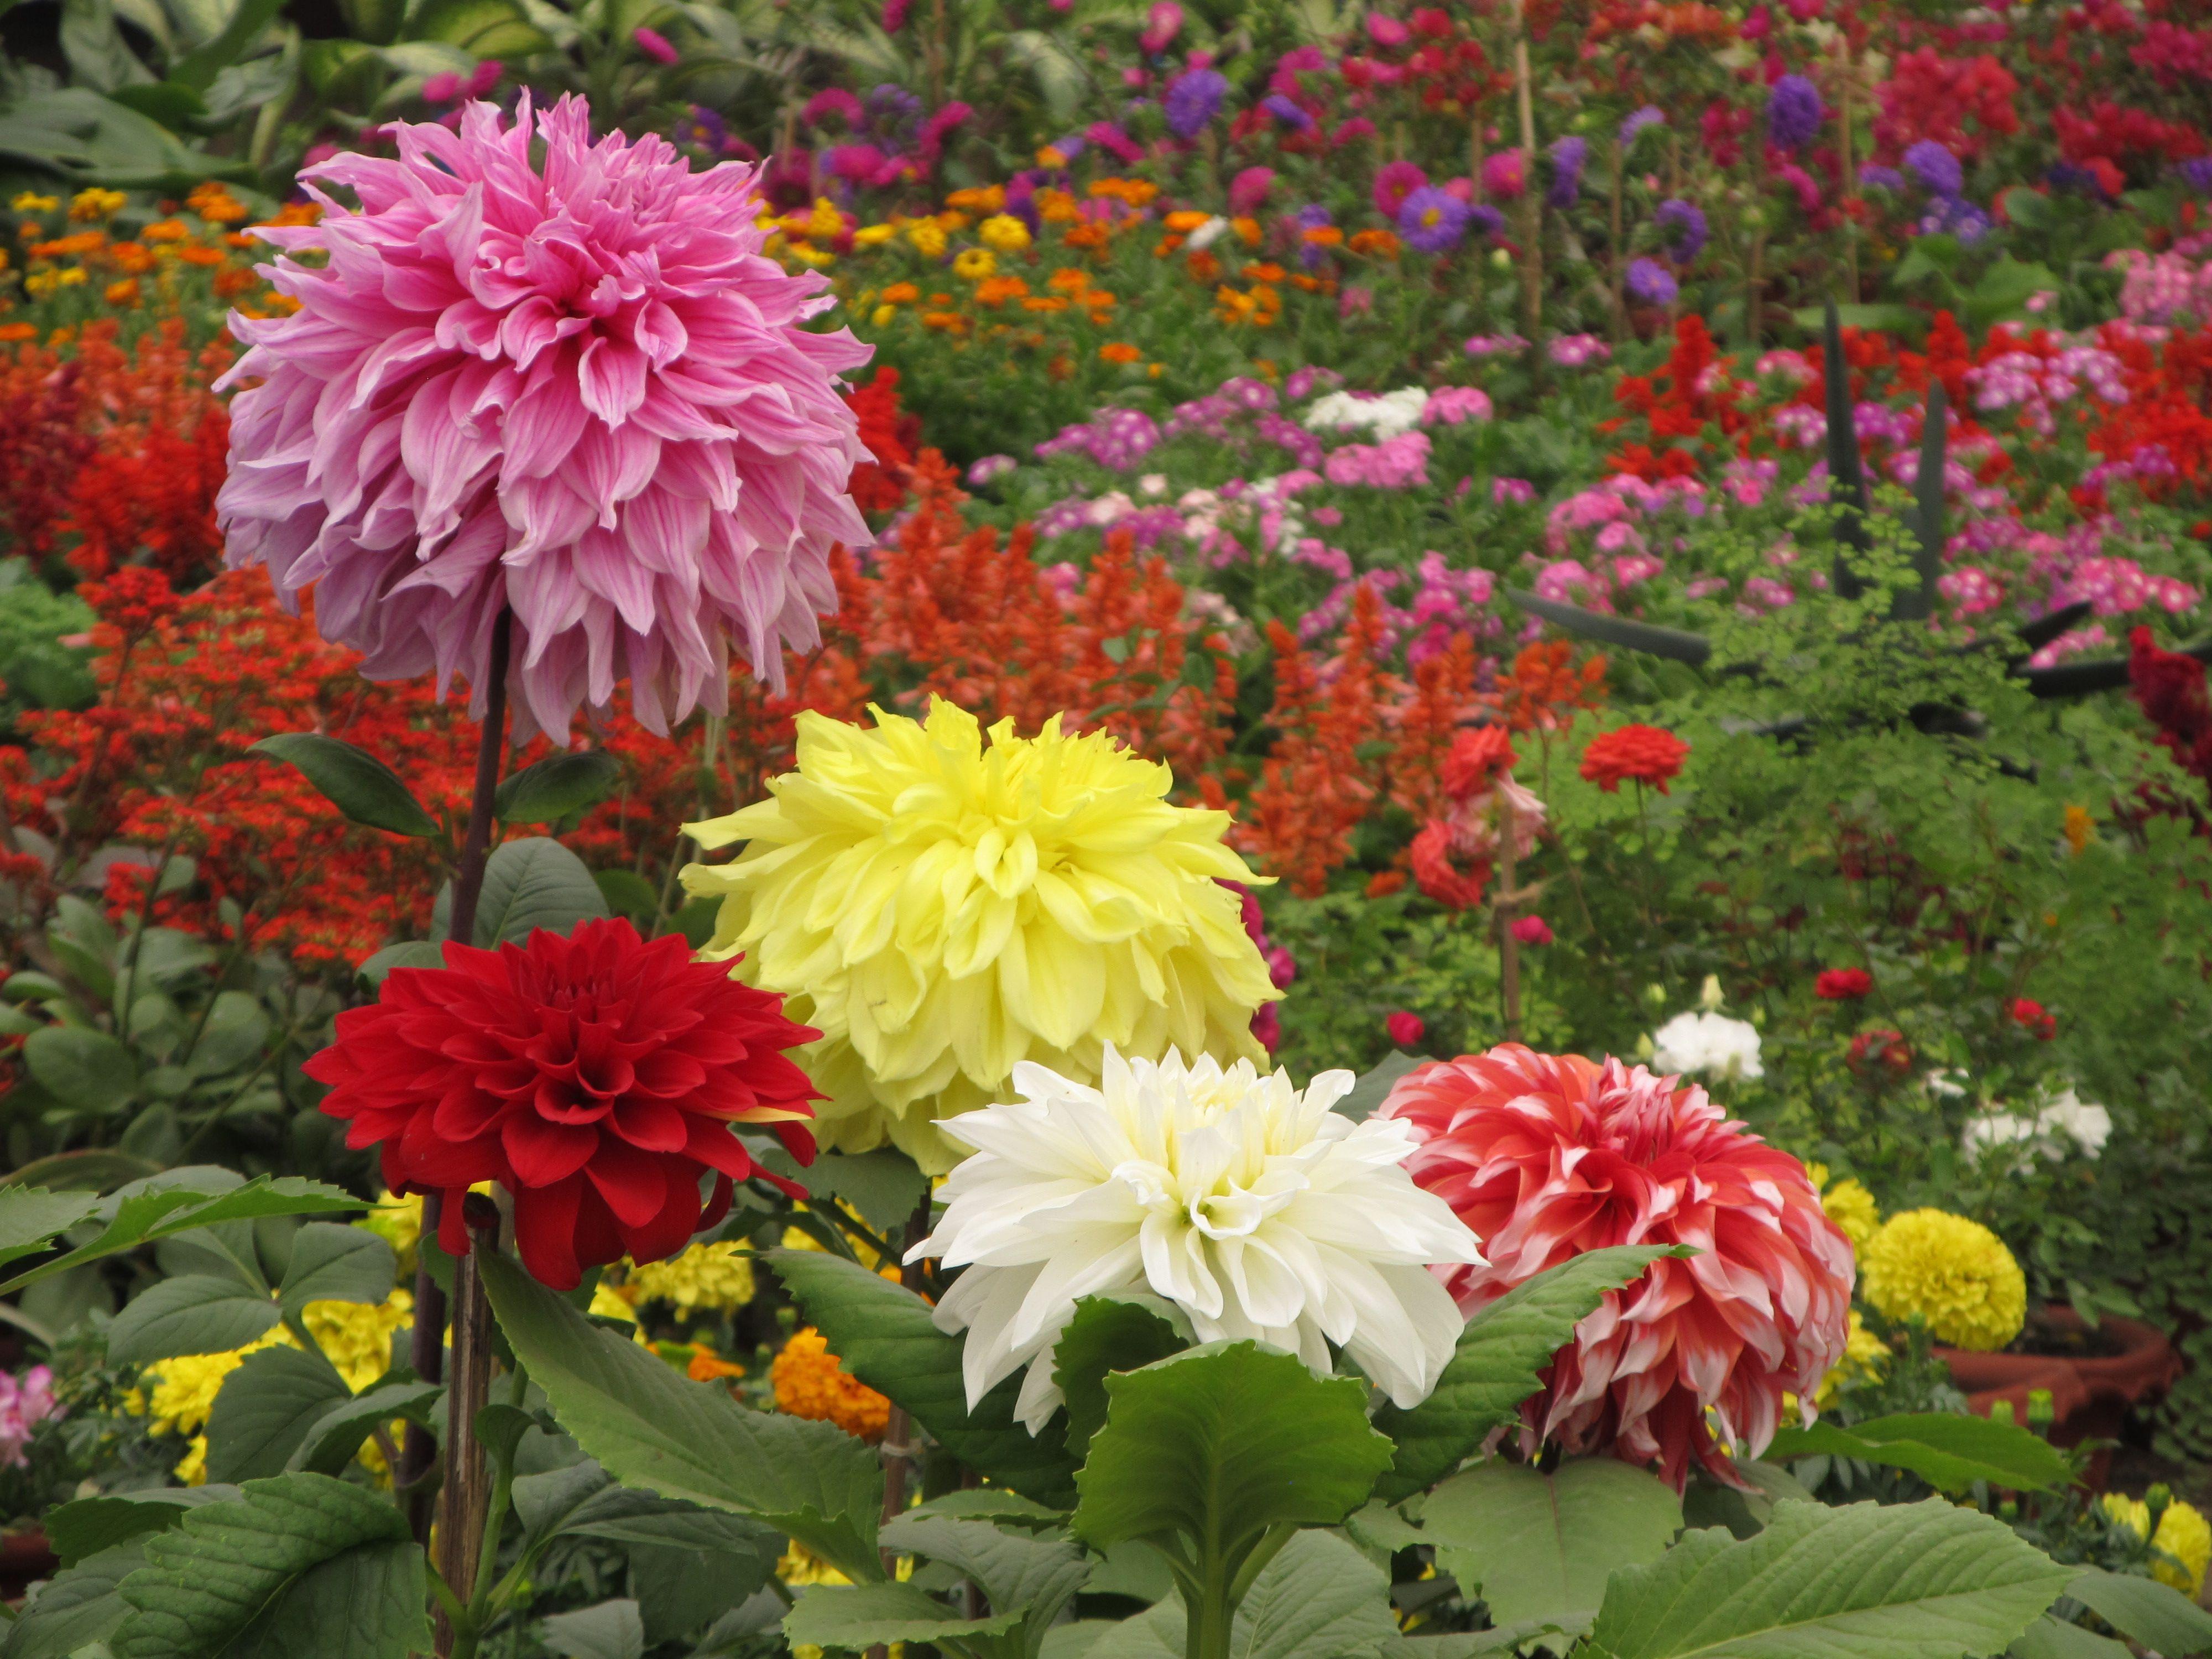 gardens of india Description Dahlia Indian Botanic Garden